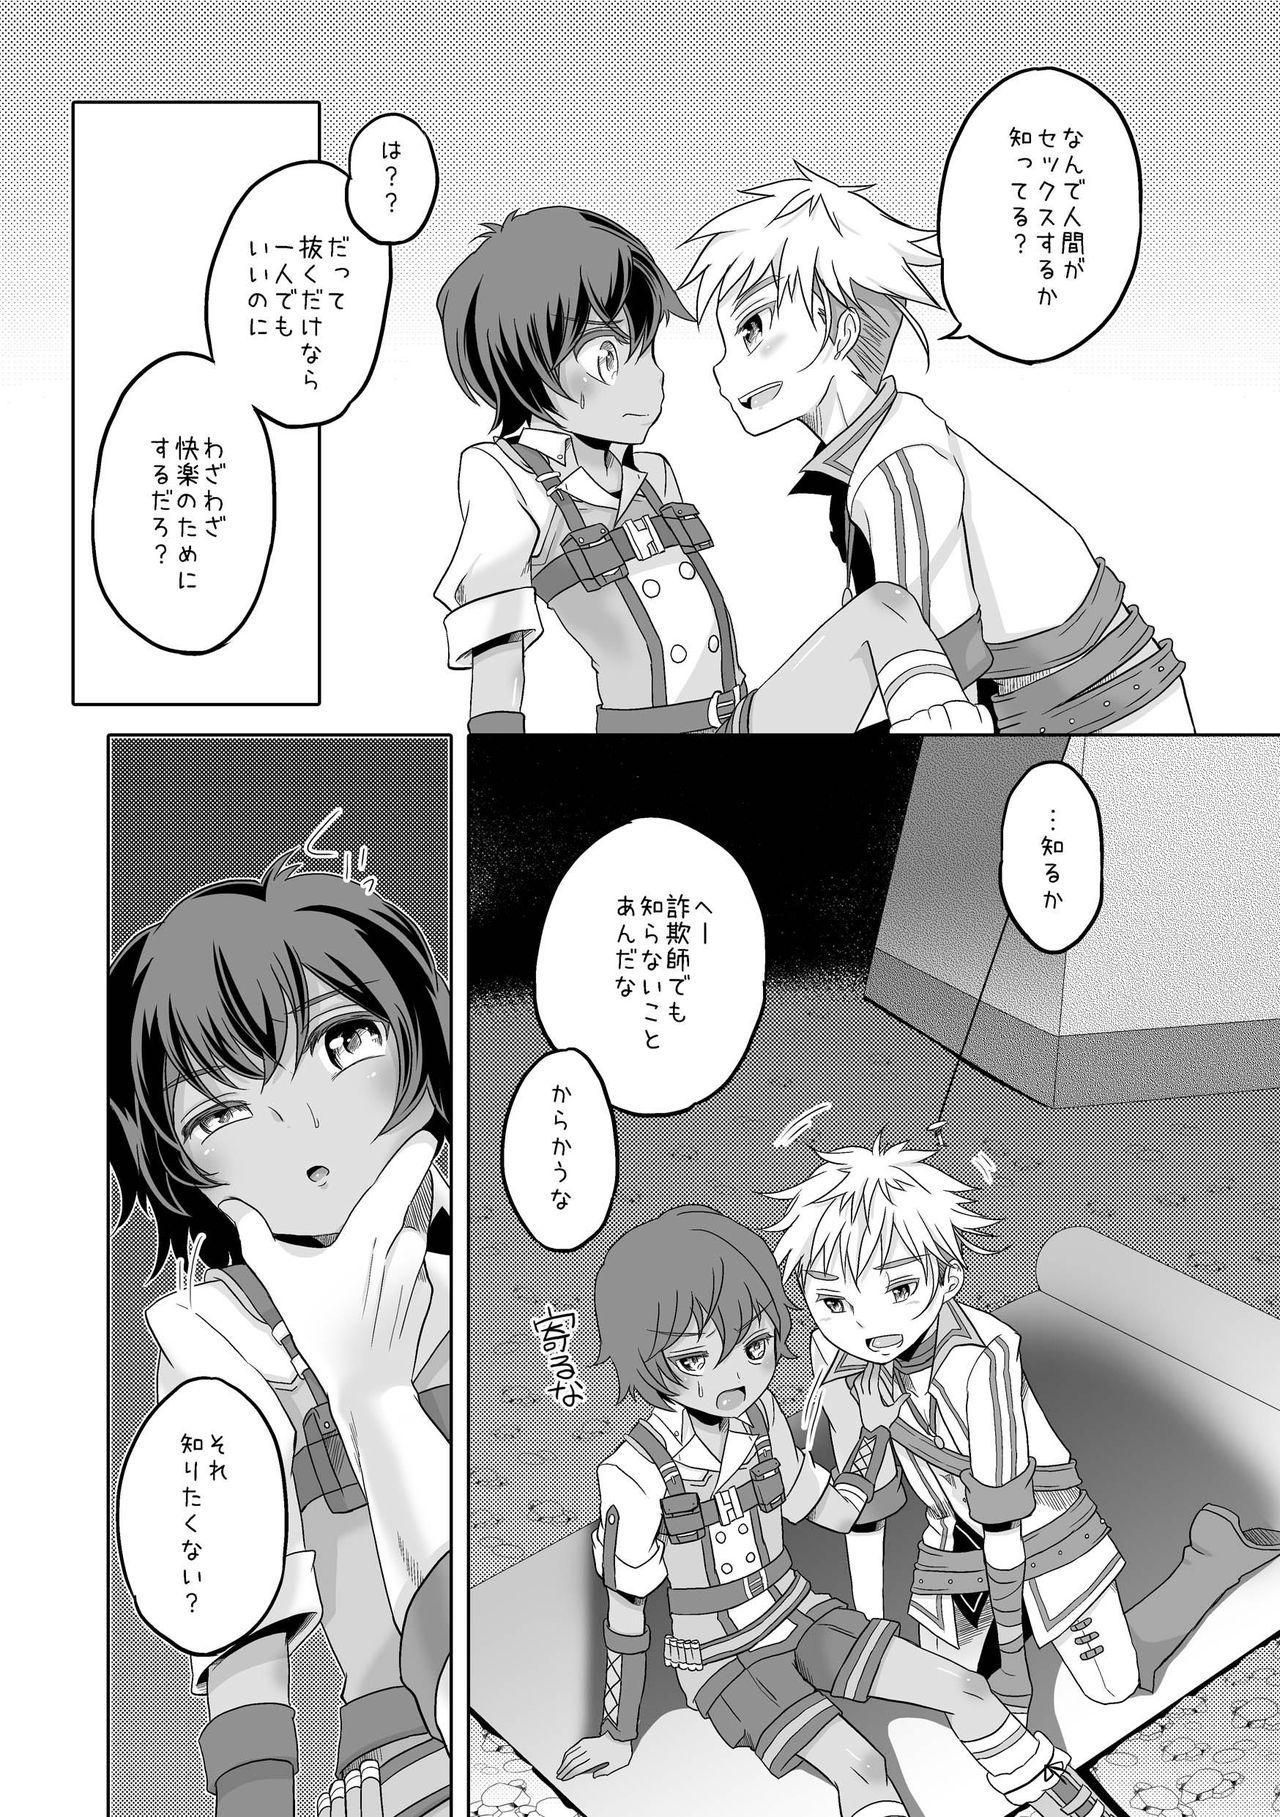 Kimi to Ikusen no Yoru o Sugosou 10